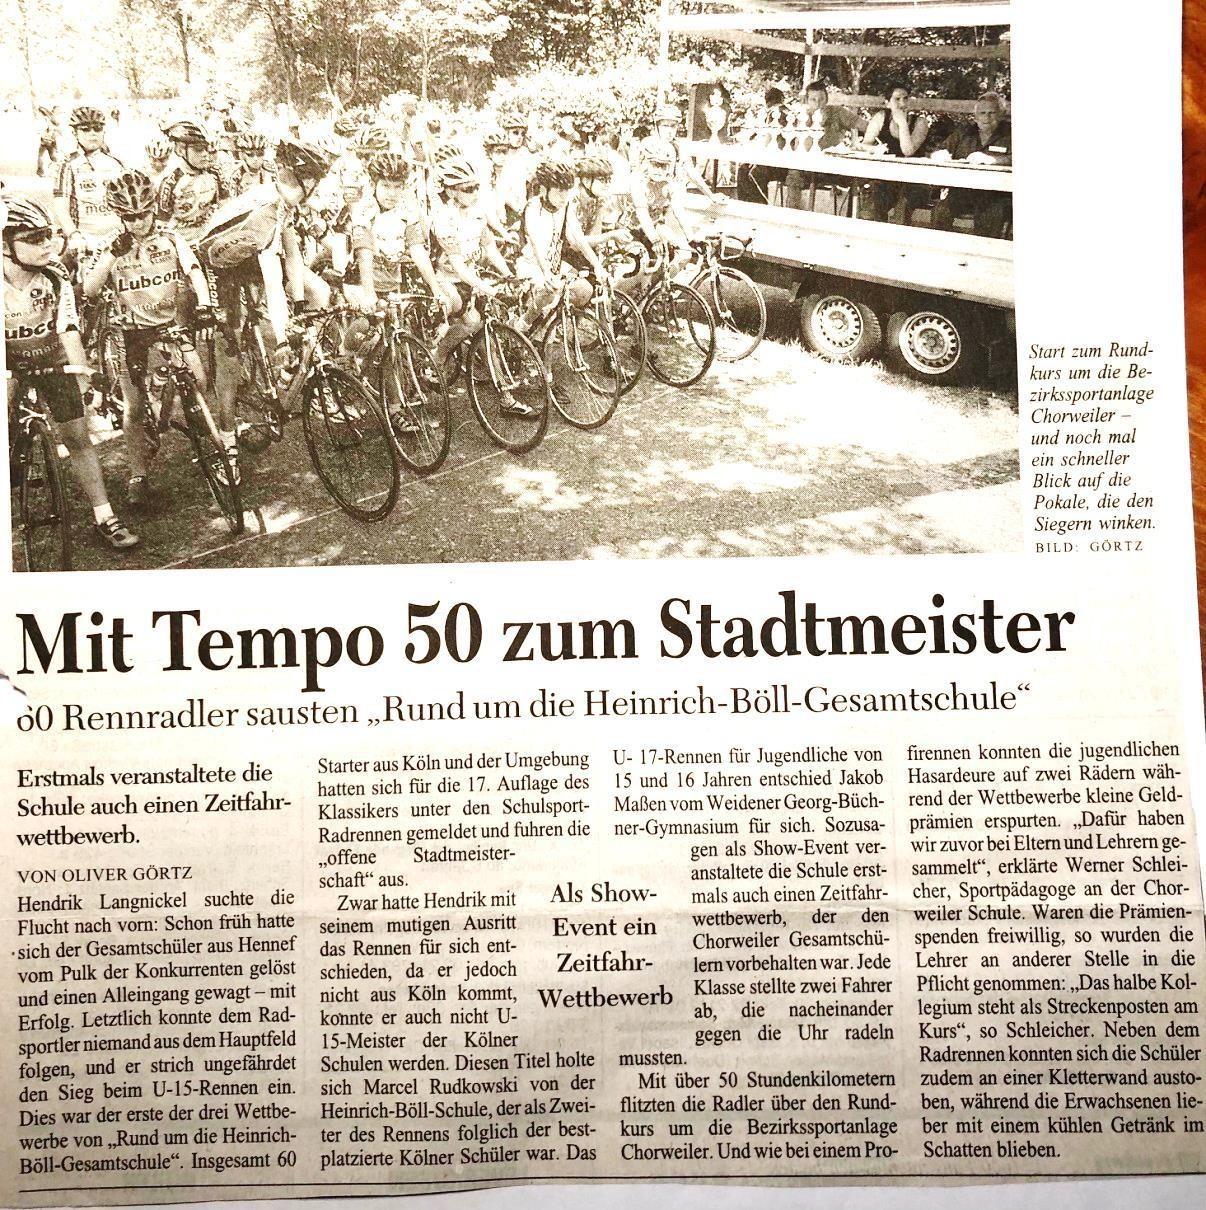 """KSTA vom 24.06.2005 """"Rund die Heinrich-Böll-Gesamtschule""""-Stadtmeisterschaft der Kölner Schulen"""